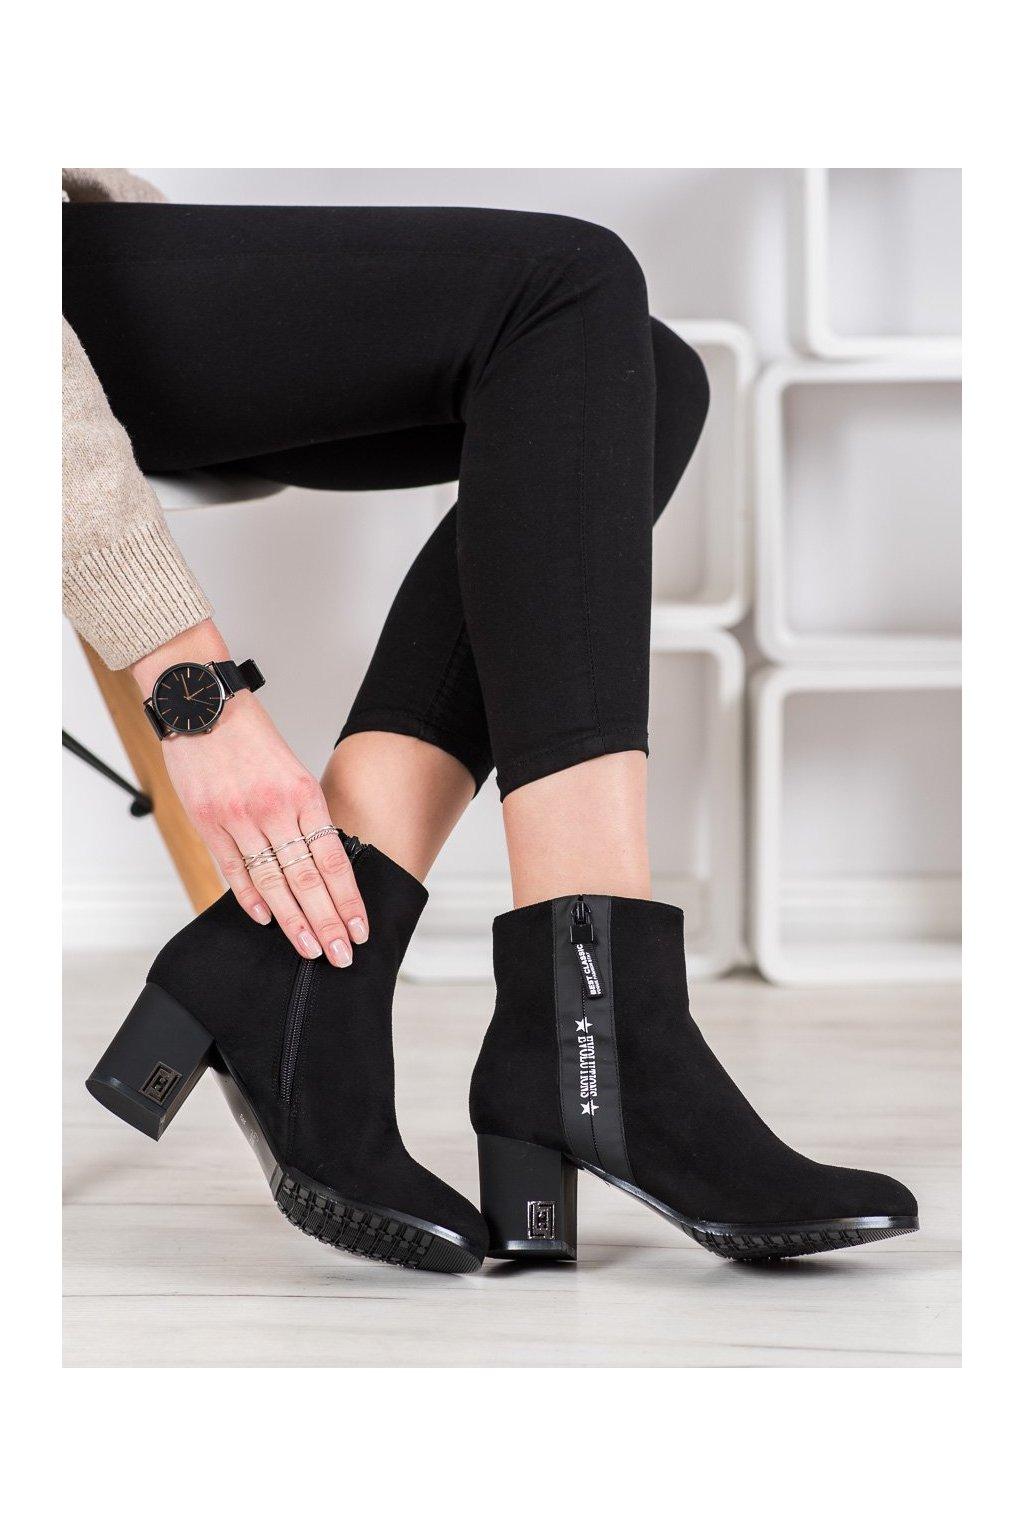 Čierne dámske topánky Gogo kod SG-307B